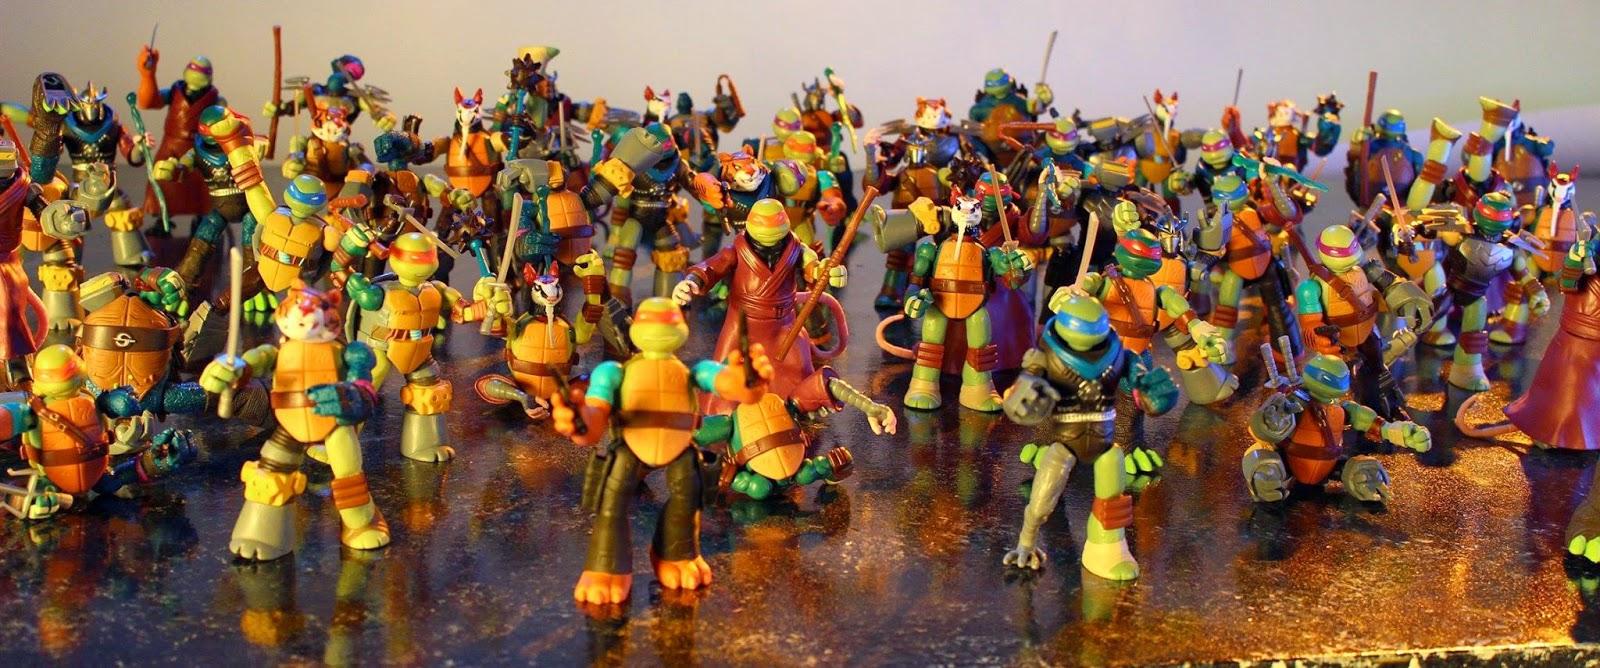 """NickALive!: Nickelodeon's """"Teenage Mutant Ninja Turtles ...Ninja Turtles Toys Nick"""